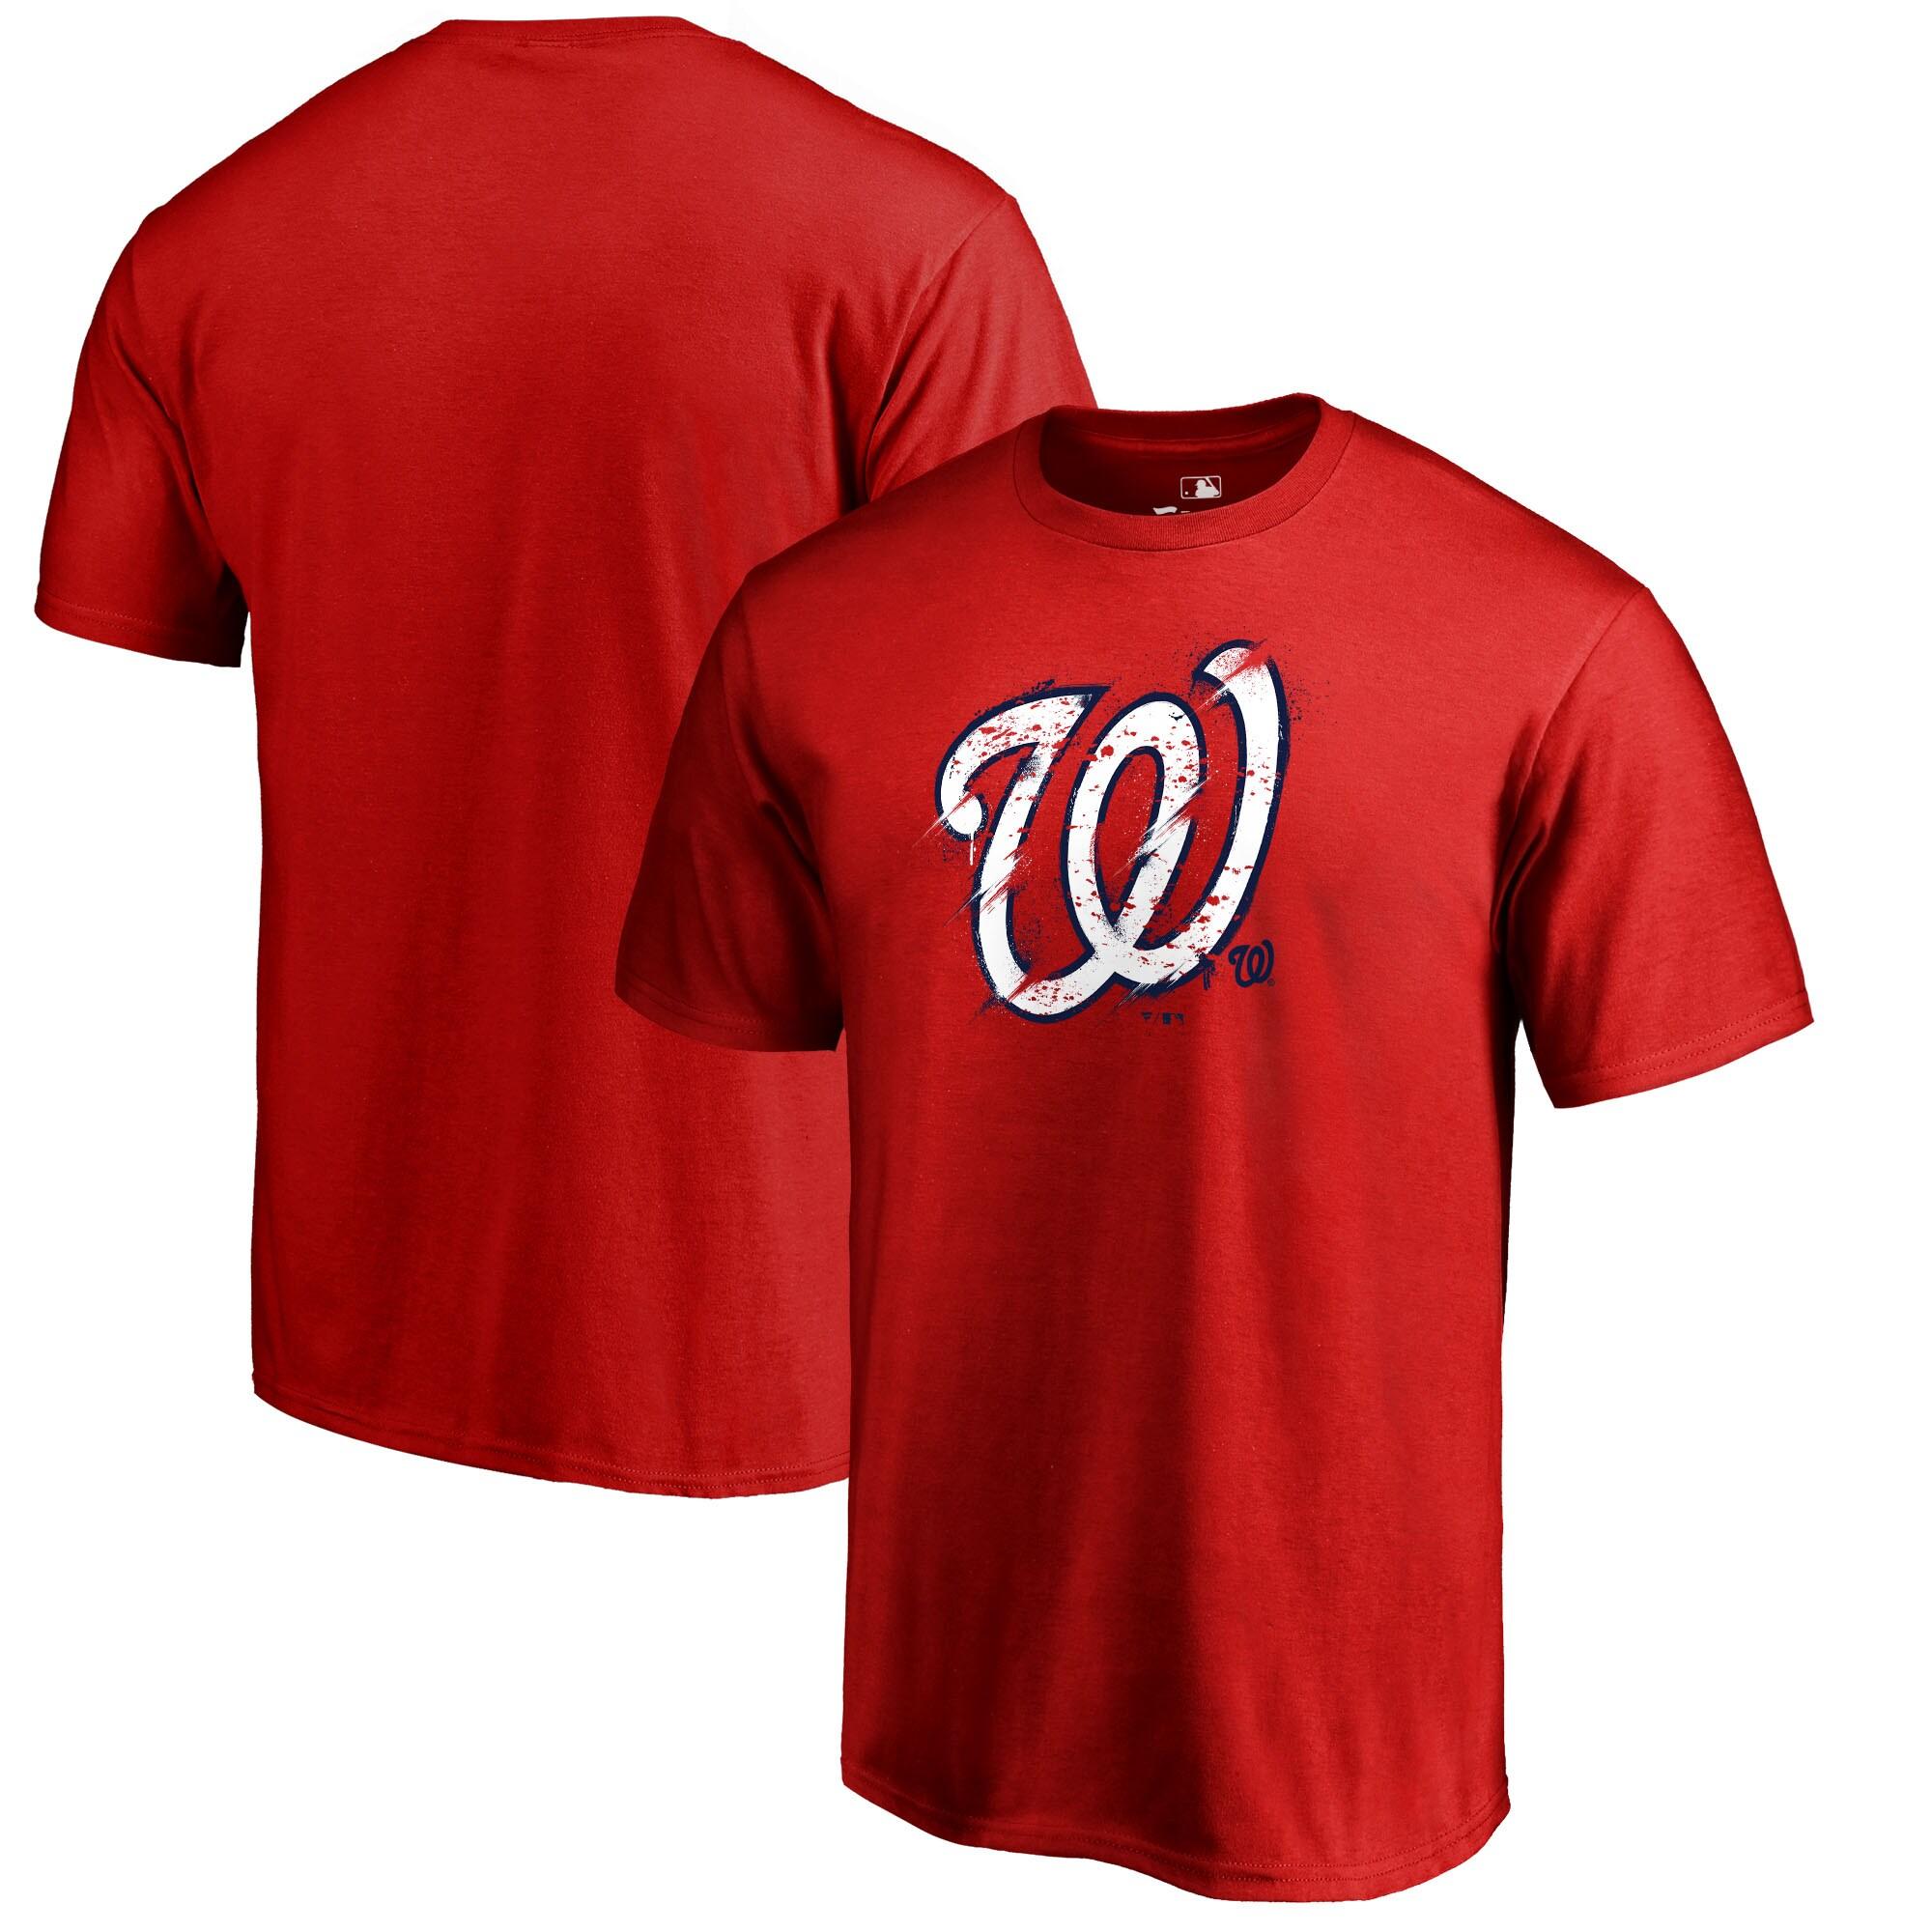 Washington Nationals Fanatics Branded Splatter Logo T-Shirt - Red